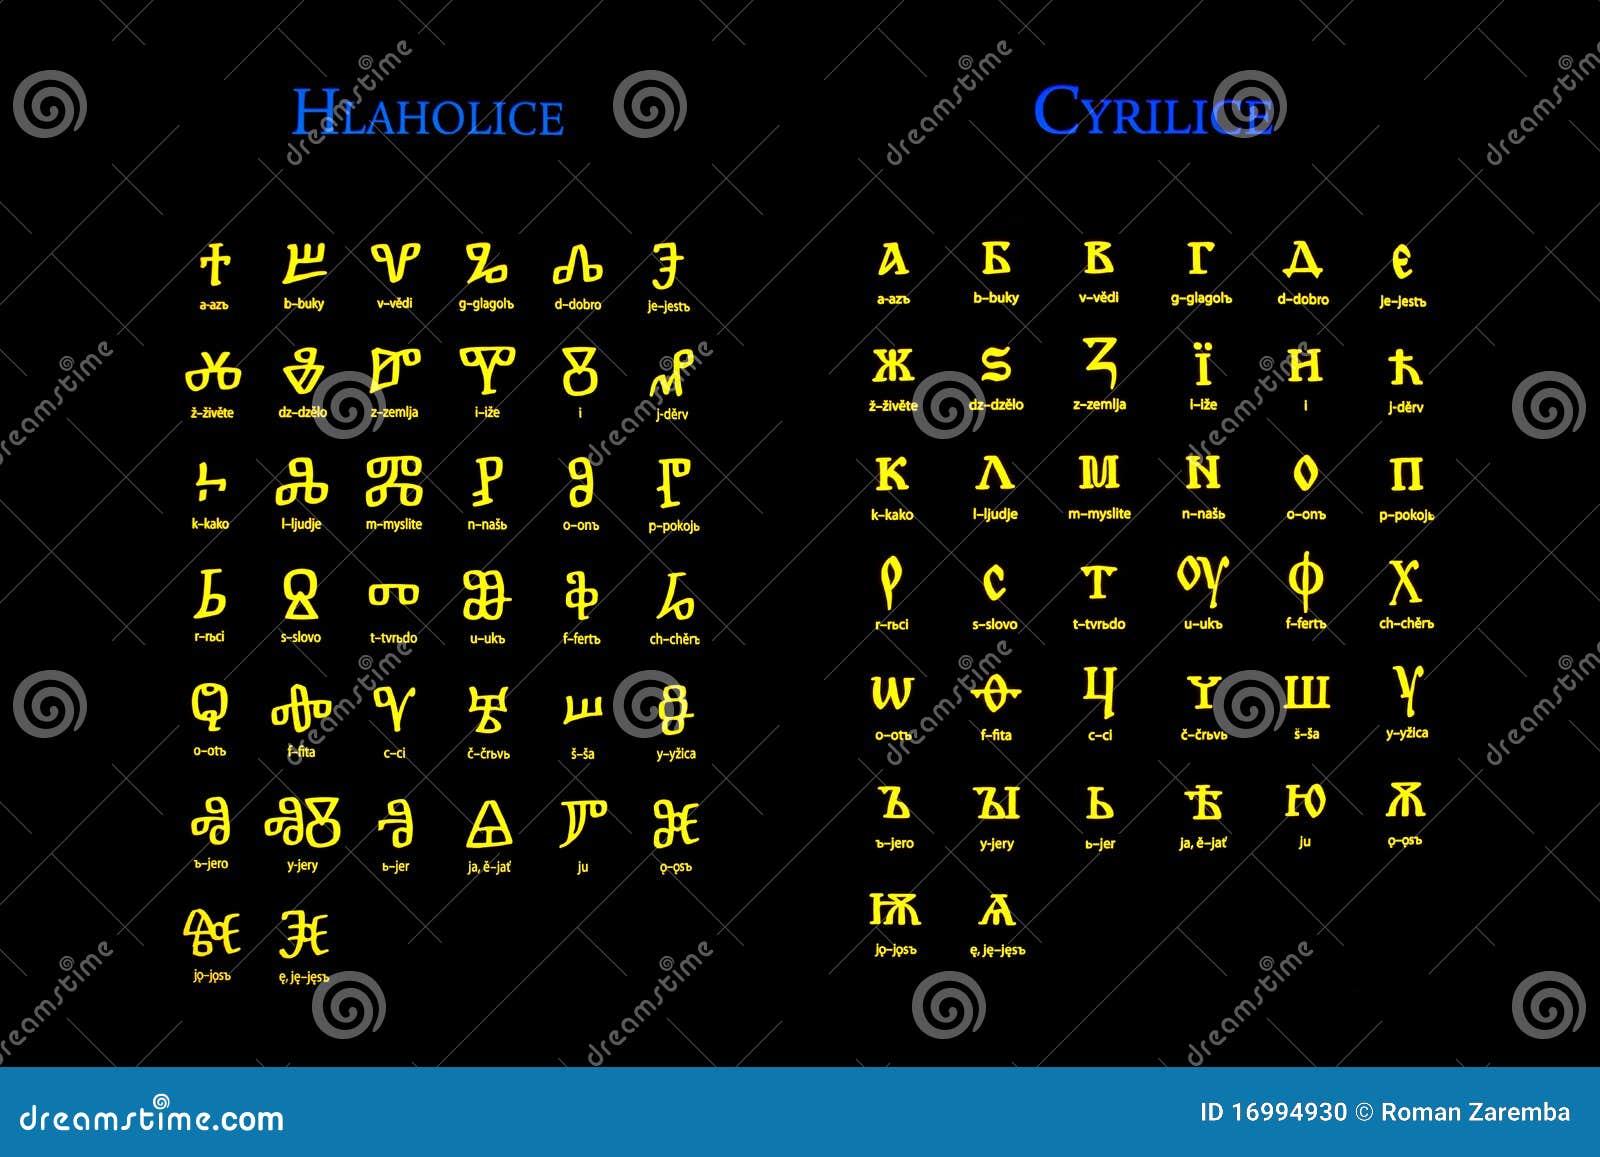 Alte symbole und ihre bedeutung